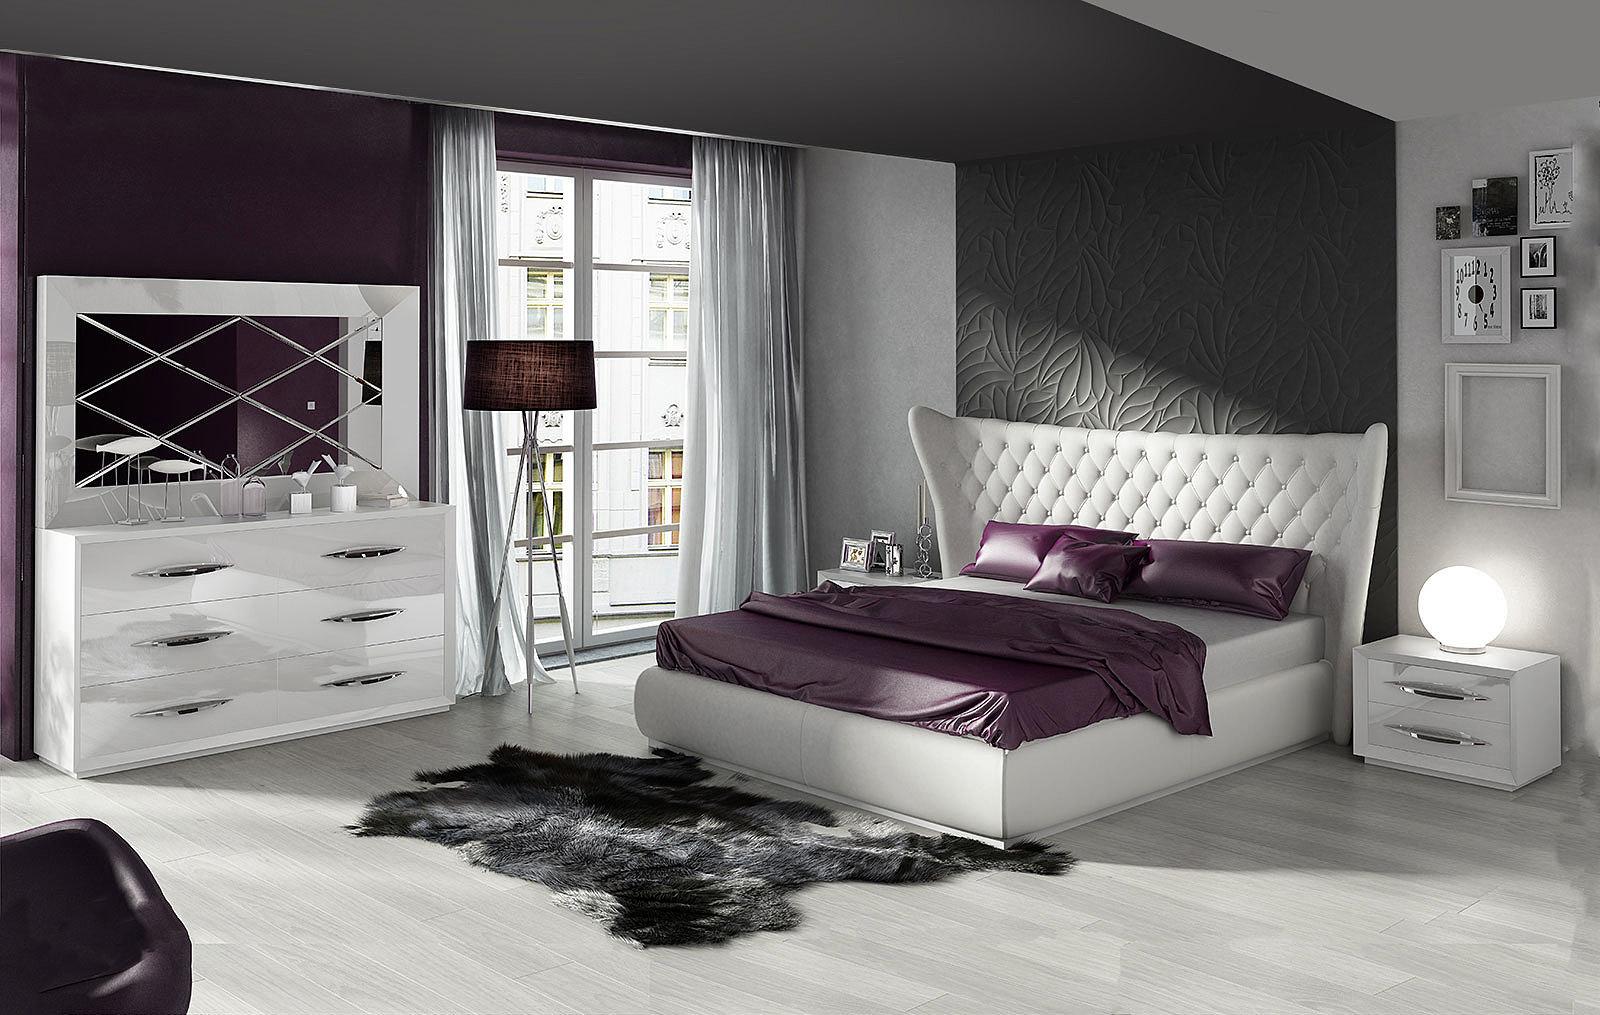 Кровать FRANCO MIAMI белая, тумбочки FRANCO 1016 белая, Комод горизонтальный FRANCO 1026 белый